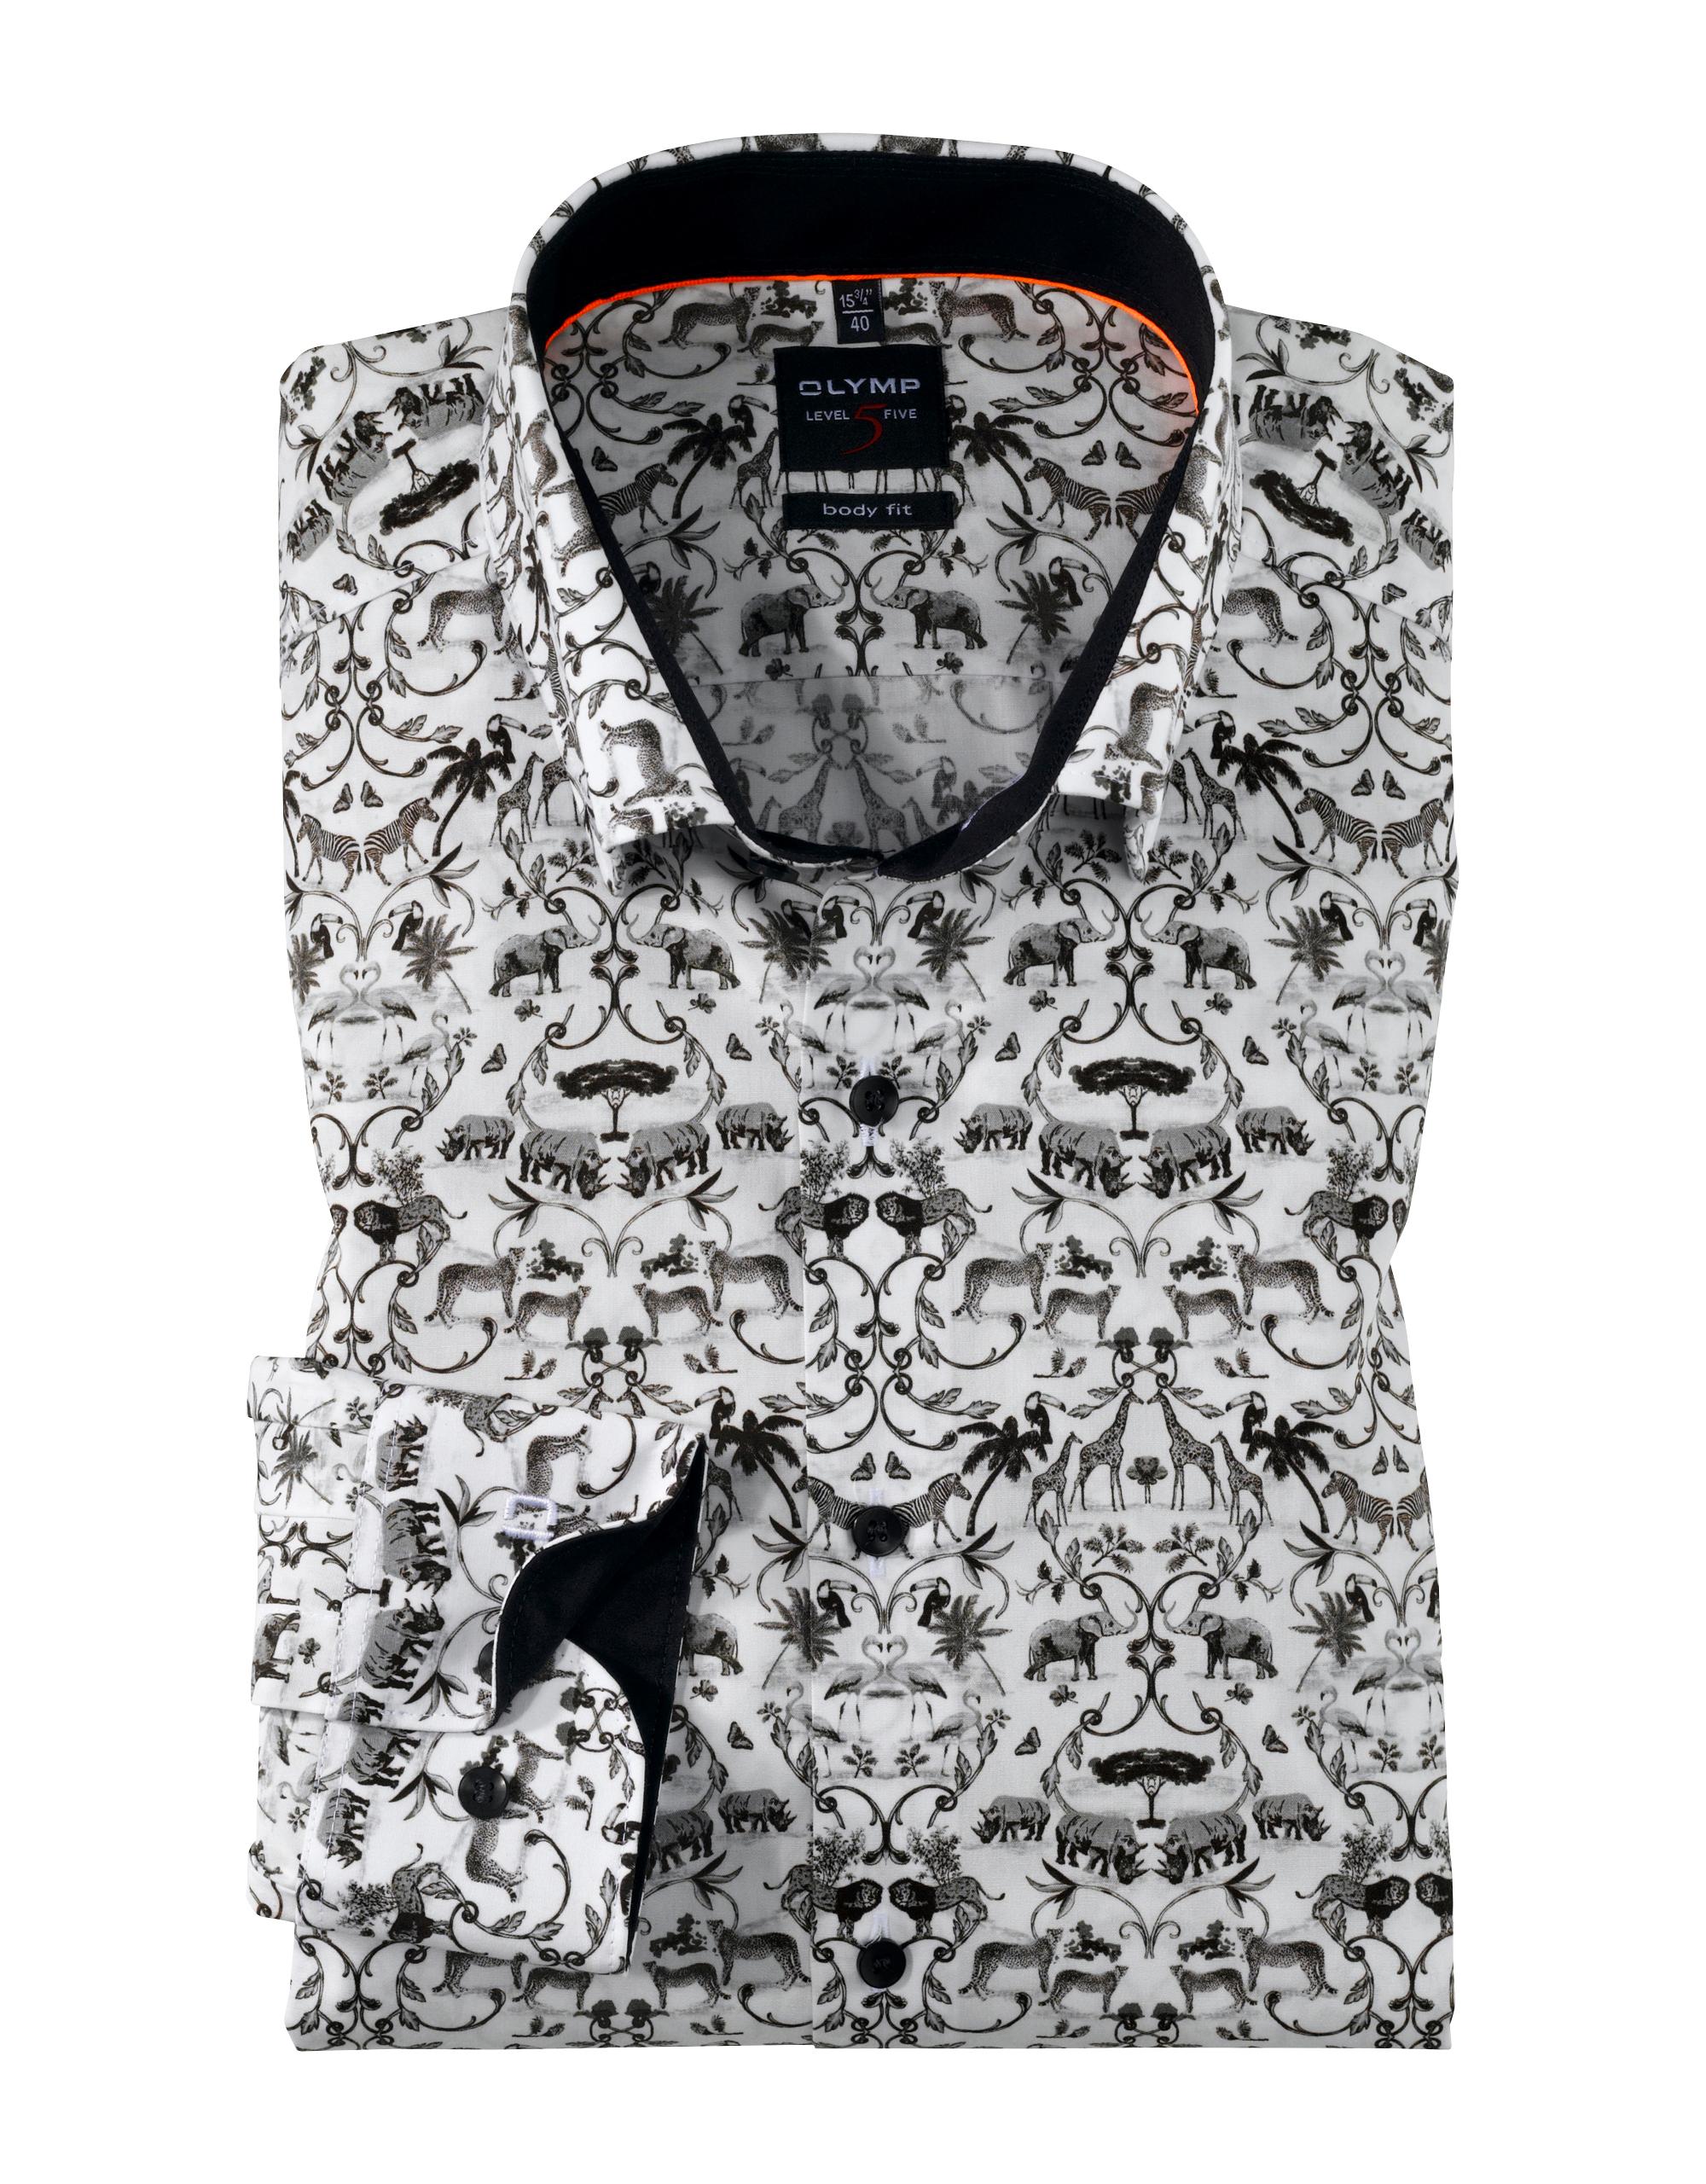 OLYMP Level Five Hemd, body fit, Under-Button-down, Schwarz, 37 | Bekleidung > Hemden > Sonstige Hemden | Schwarz | 100% baumwolle | OLYMP Level Five